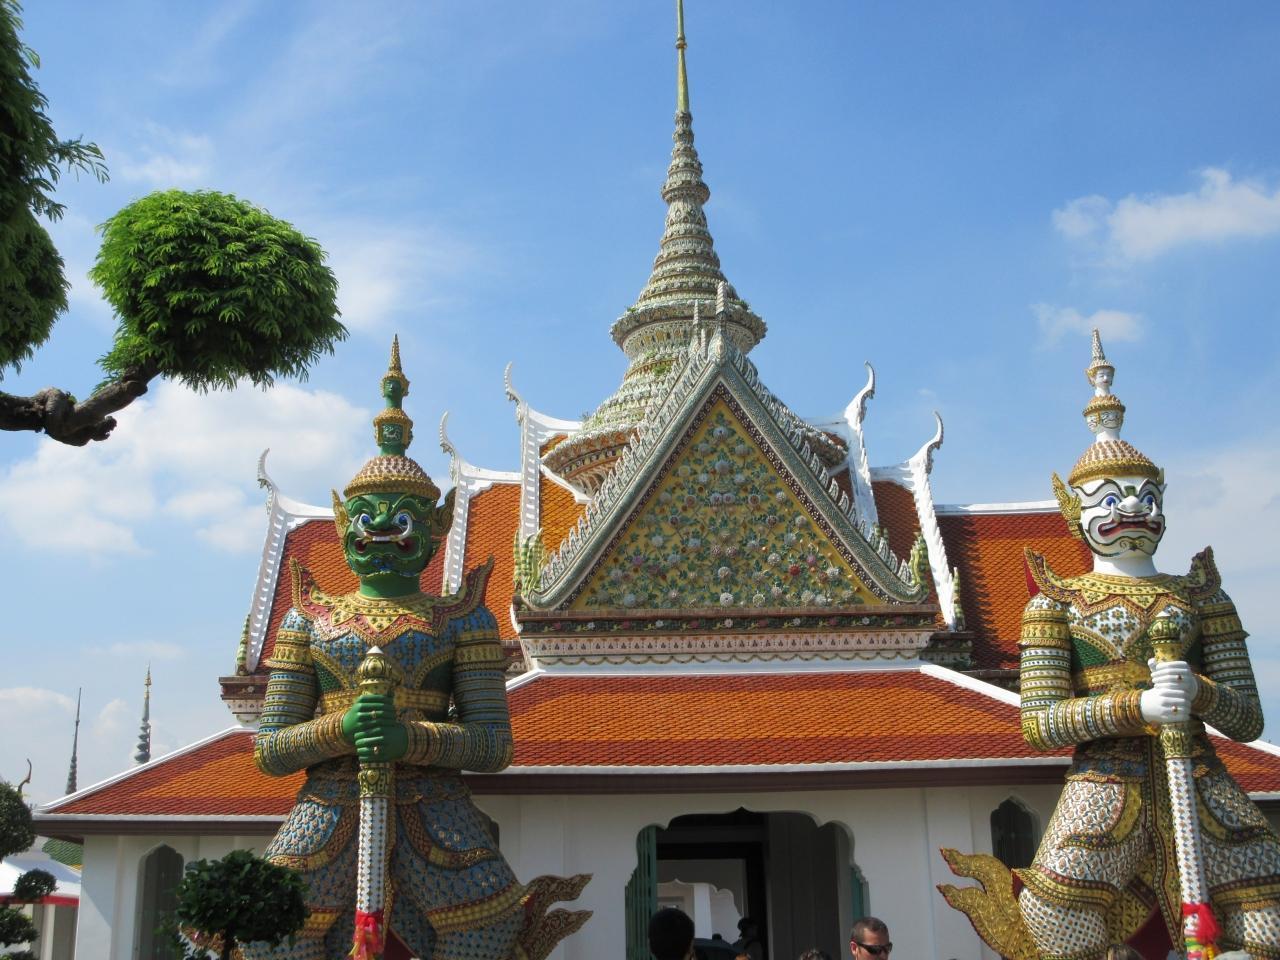 タイ◇4日目 バンコクで寺院巡り編